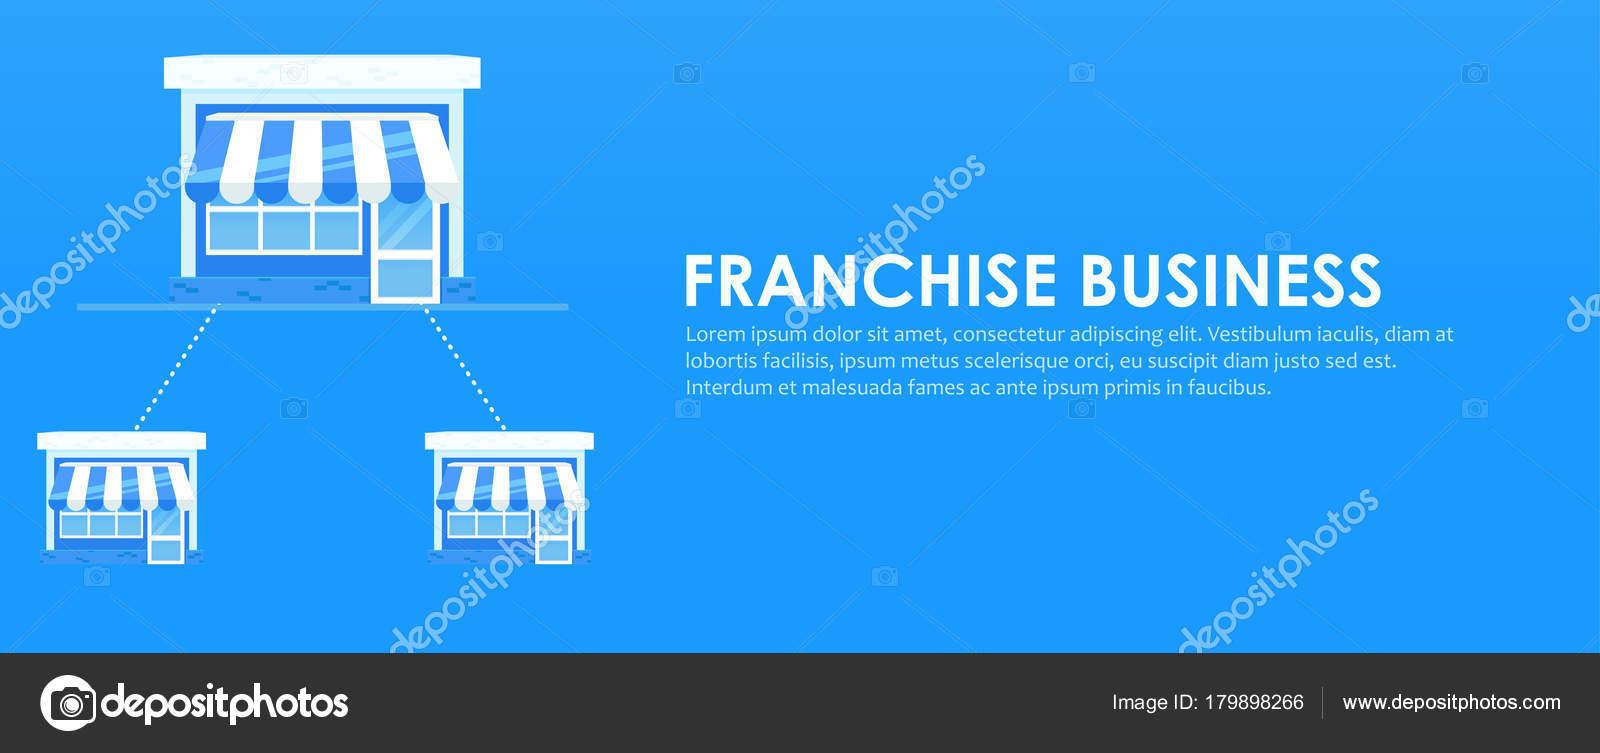 Франшиза бизнес планы делаем бизнес планы